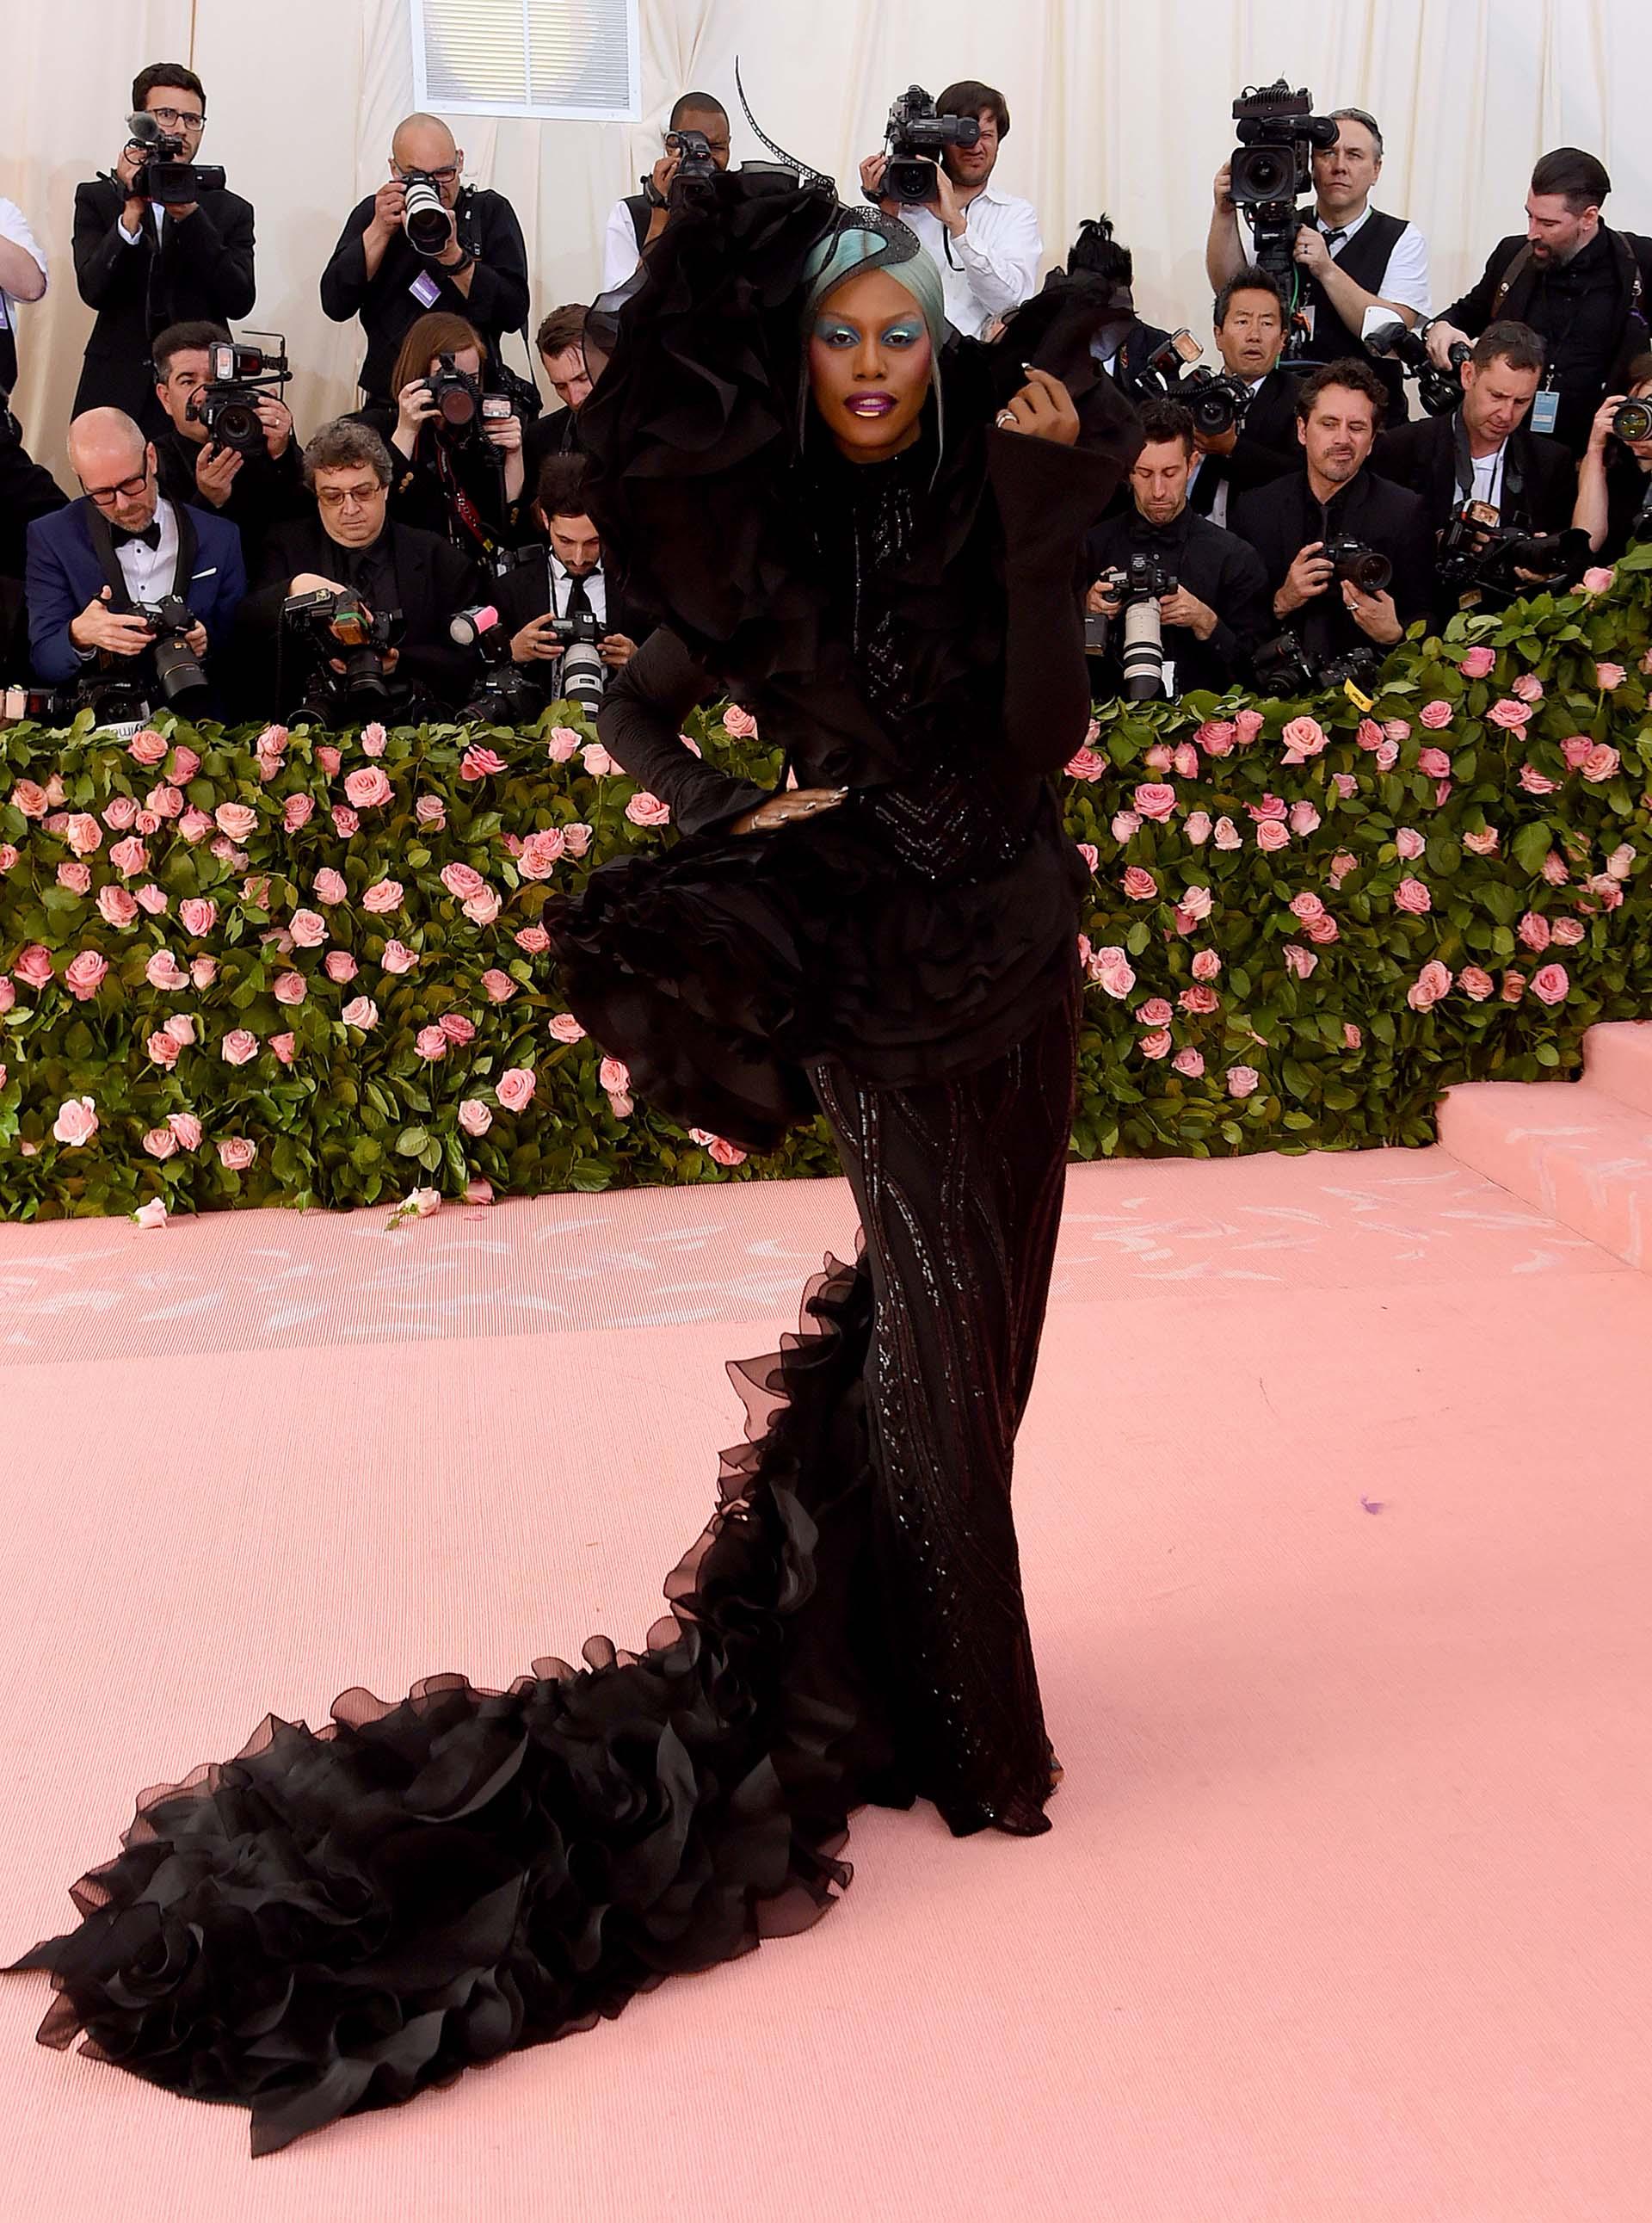 Laverne Coxlució un vestido de Christian Siriano corte sirena en color negro repleto de volados y un turbante color aguamarina